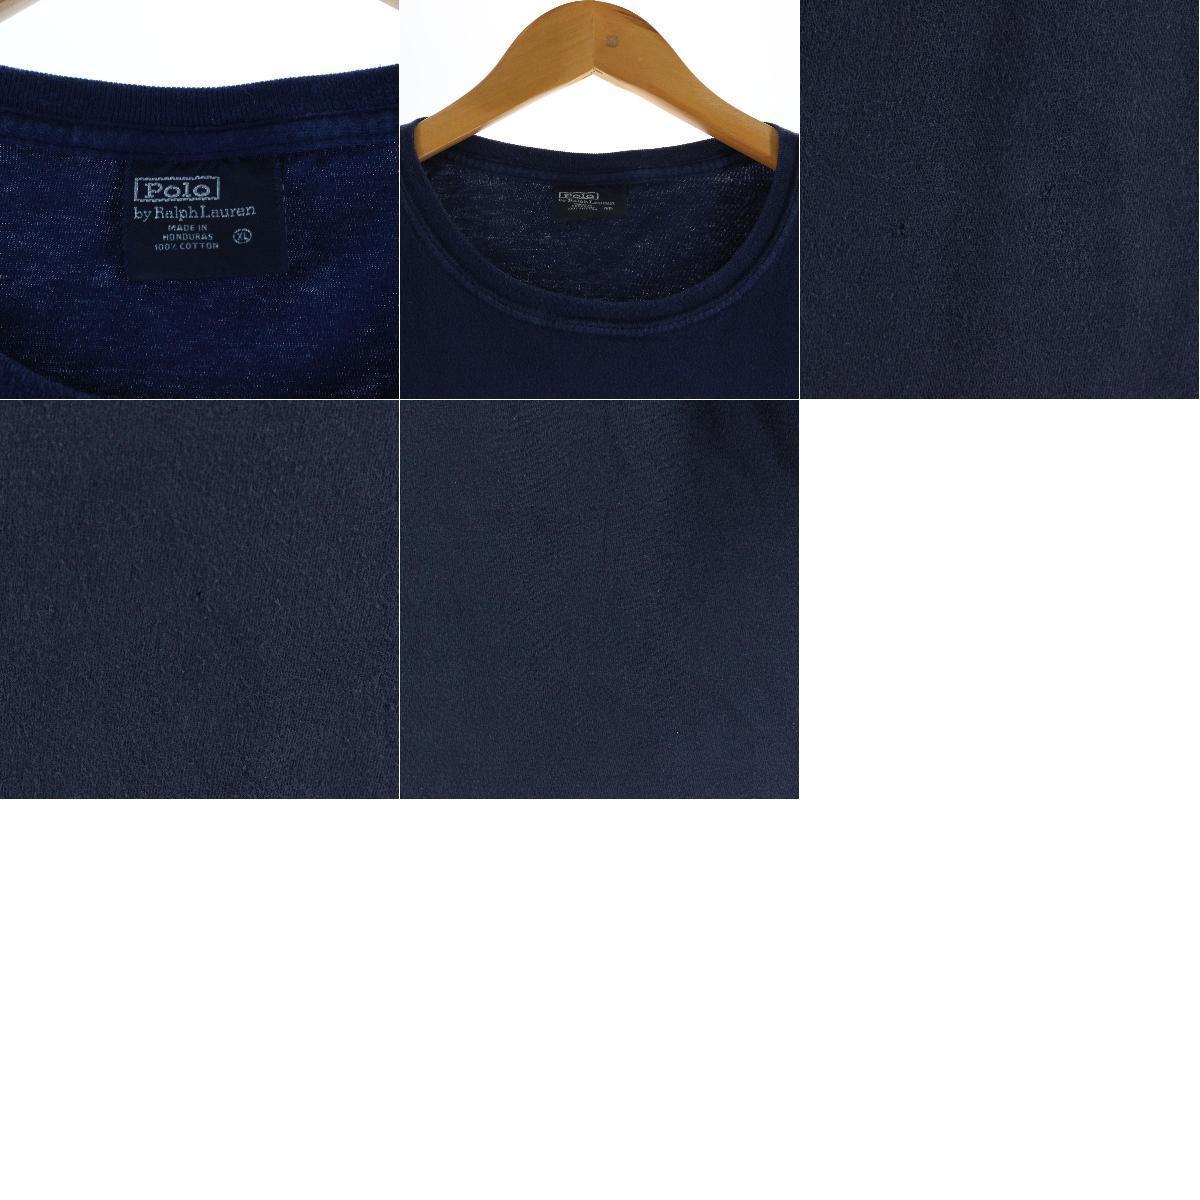 ラルフローレン Ralph Lauren POLO by Ralph Lauren 半袖 ワンポイントロゴTシャツ メンズXL /eaa165394_画像3